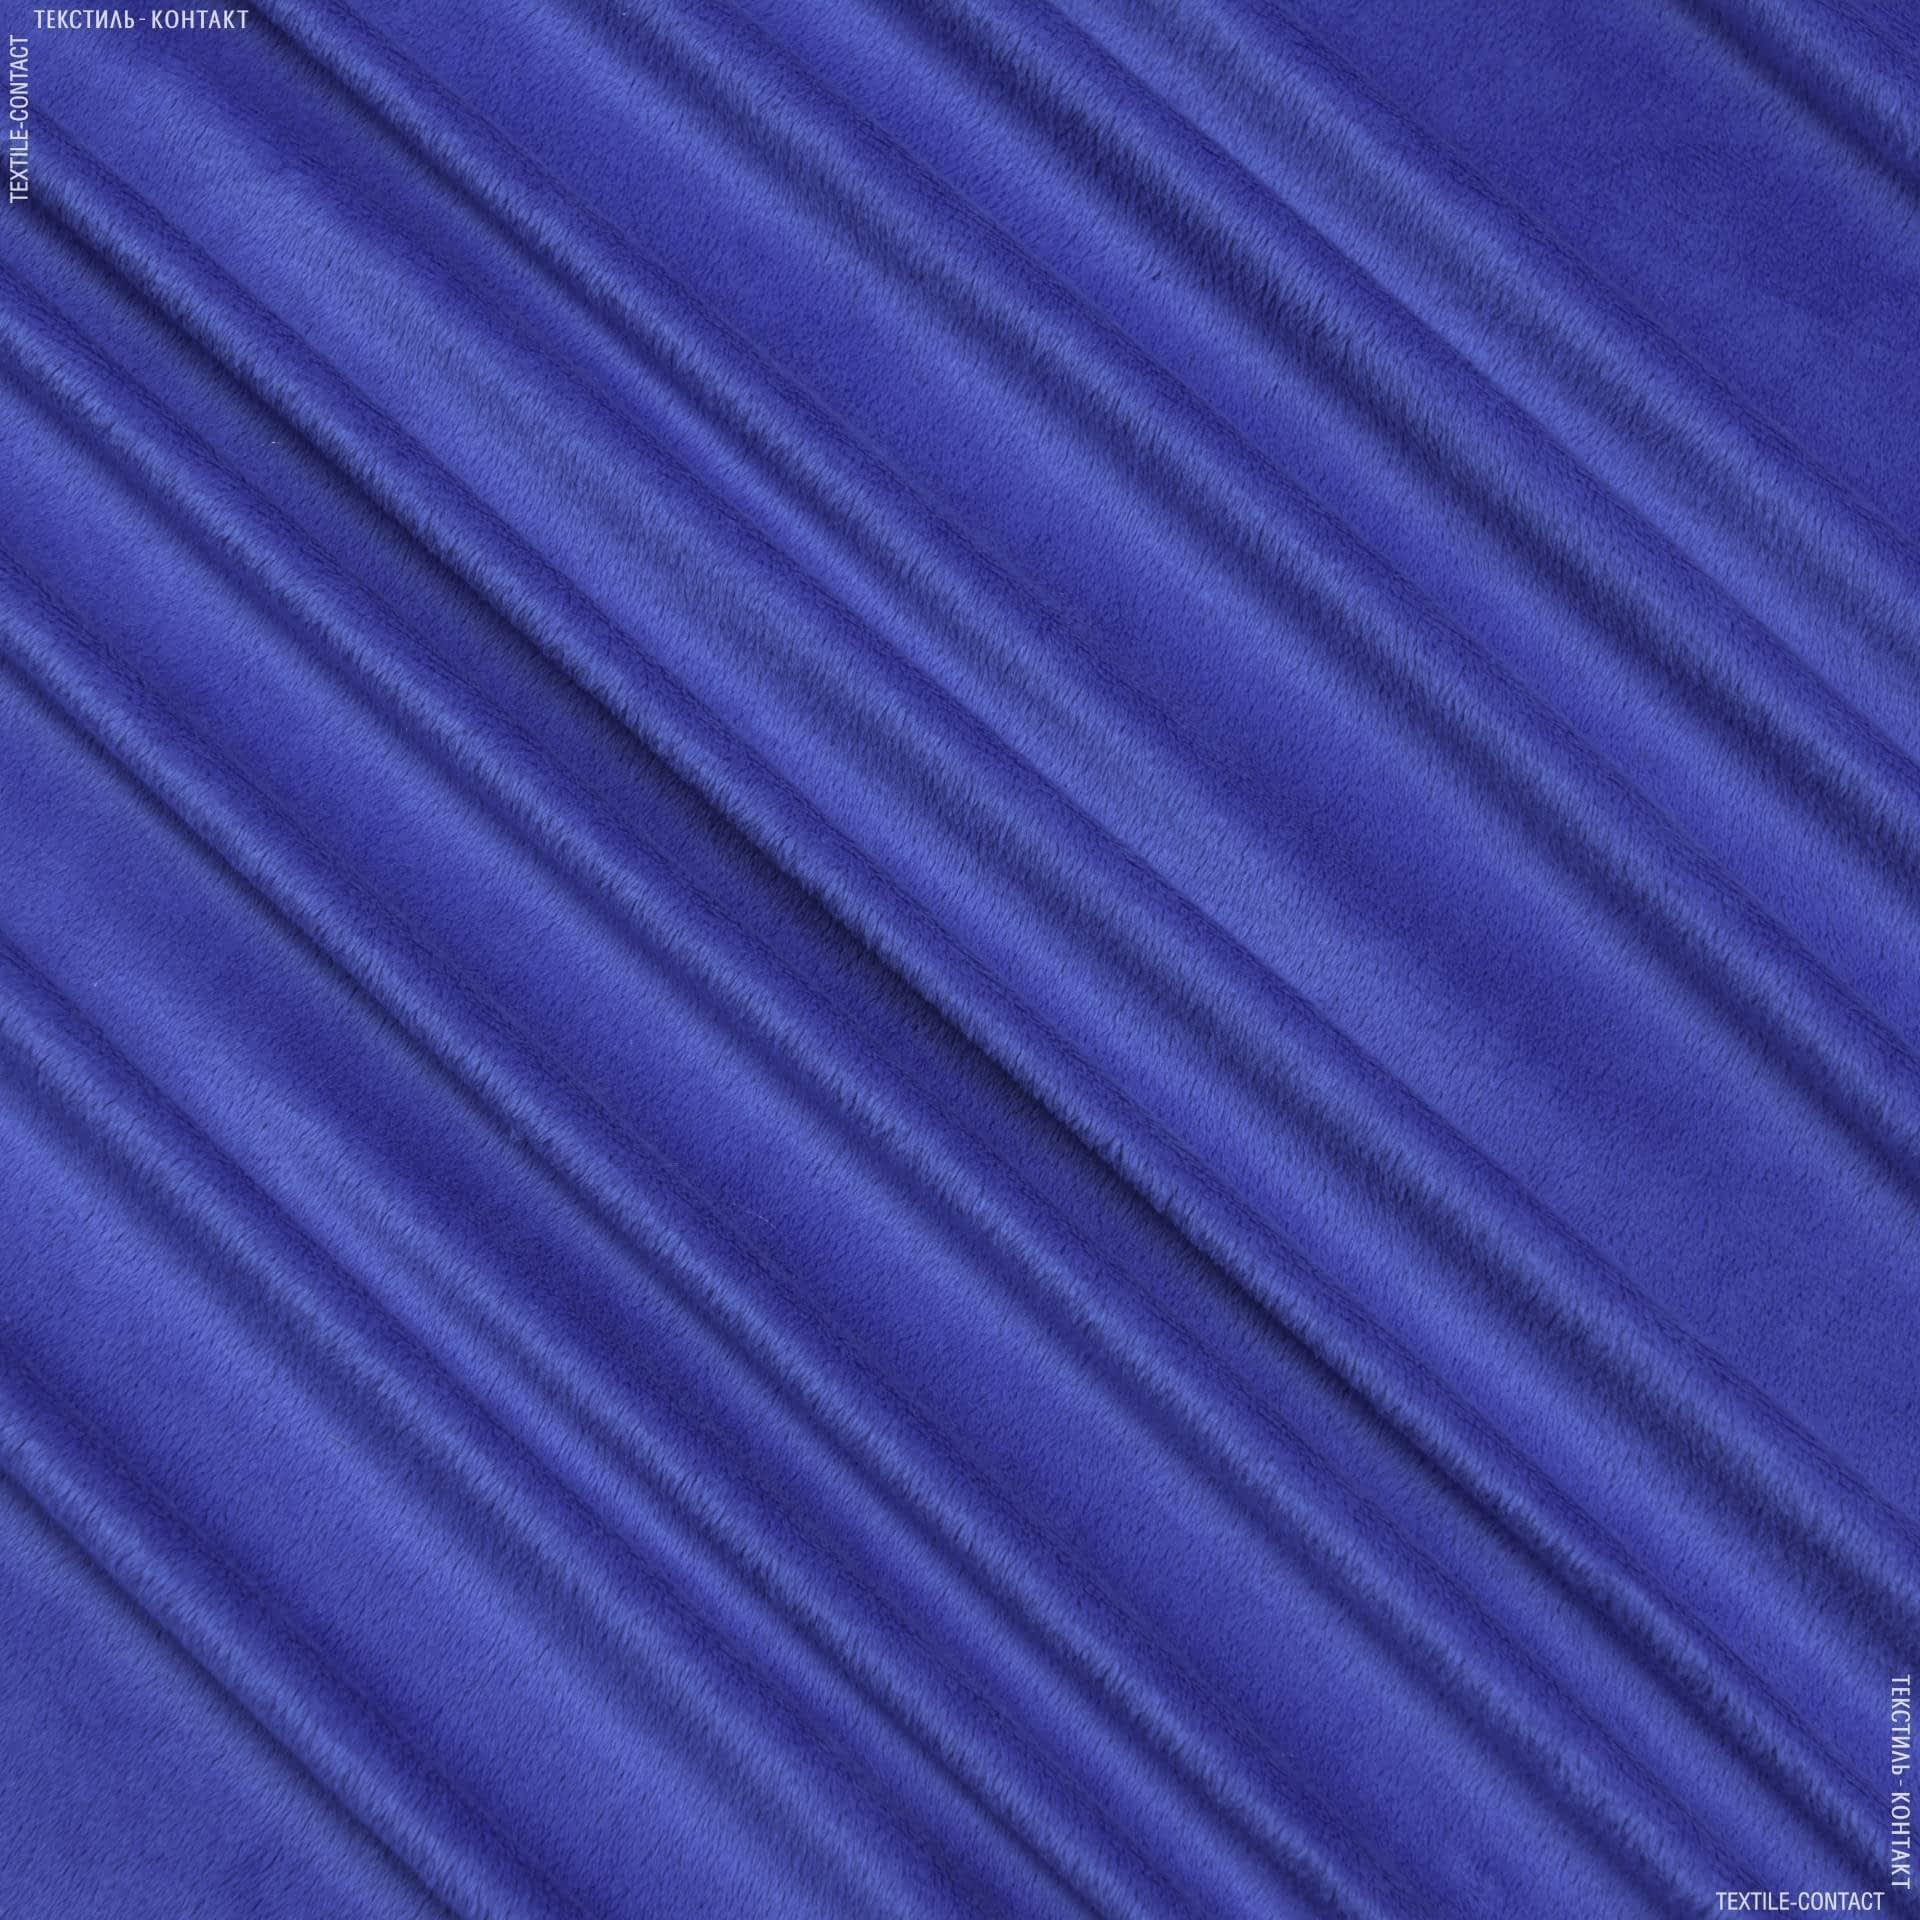 Ткани для мягких игрушек - Плюш (вельбо) электрик